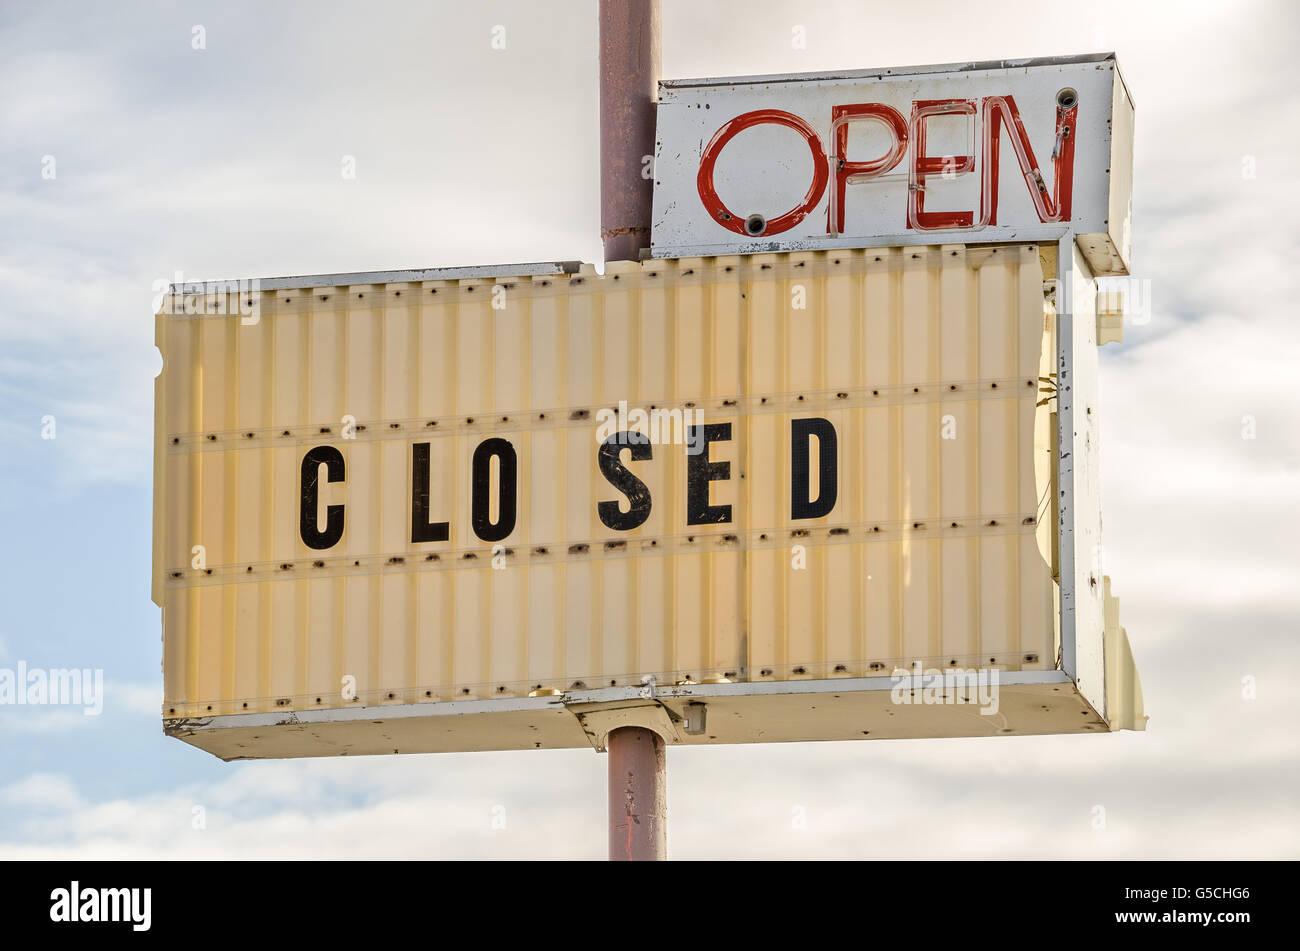 Segni che mostra sia aperta e chiusa causando confusione Immagini Stock